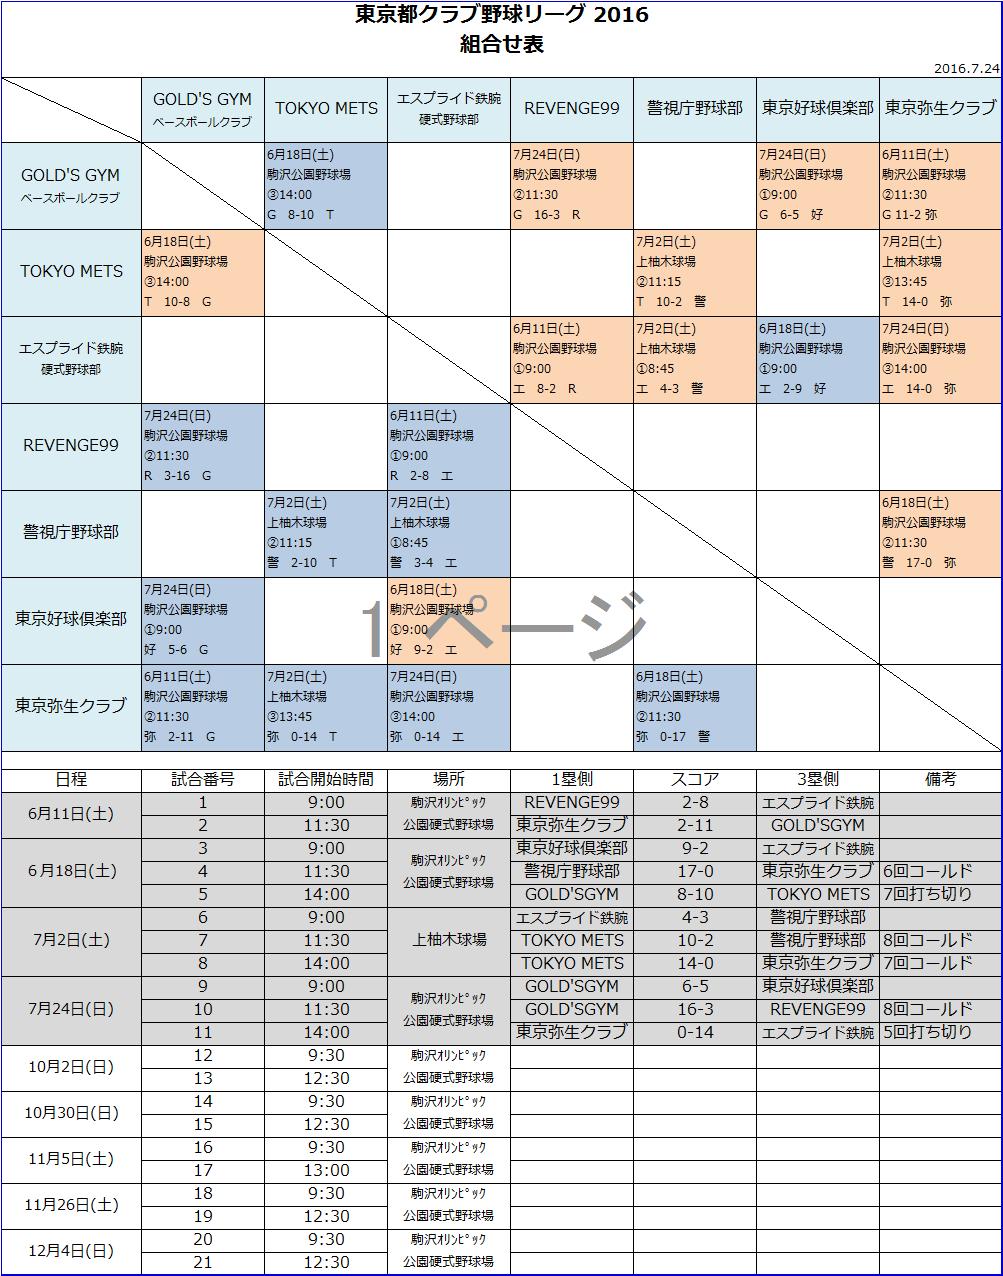 2016.7.24現在 勝敗表_b0210656_1343312.png